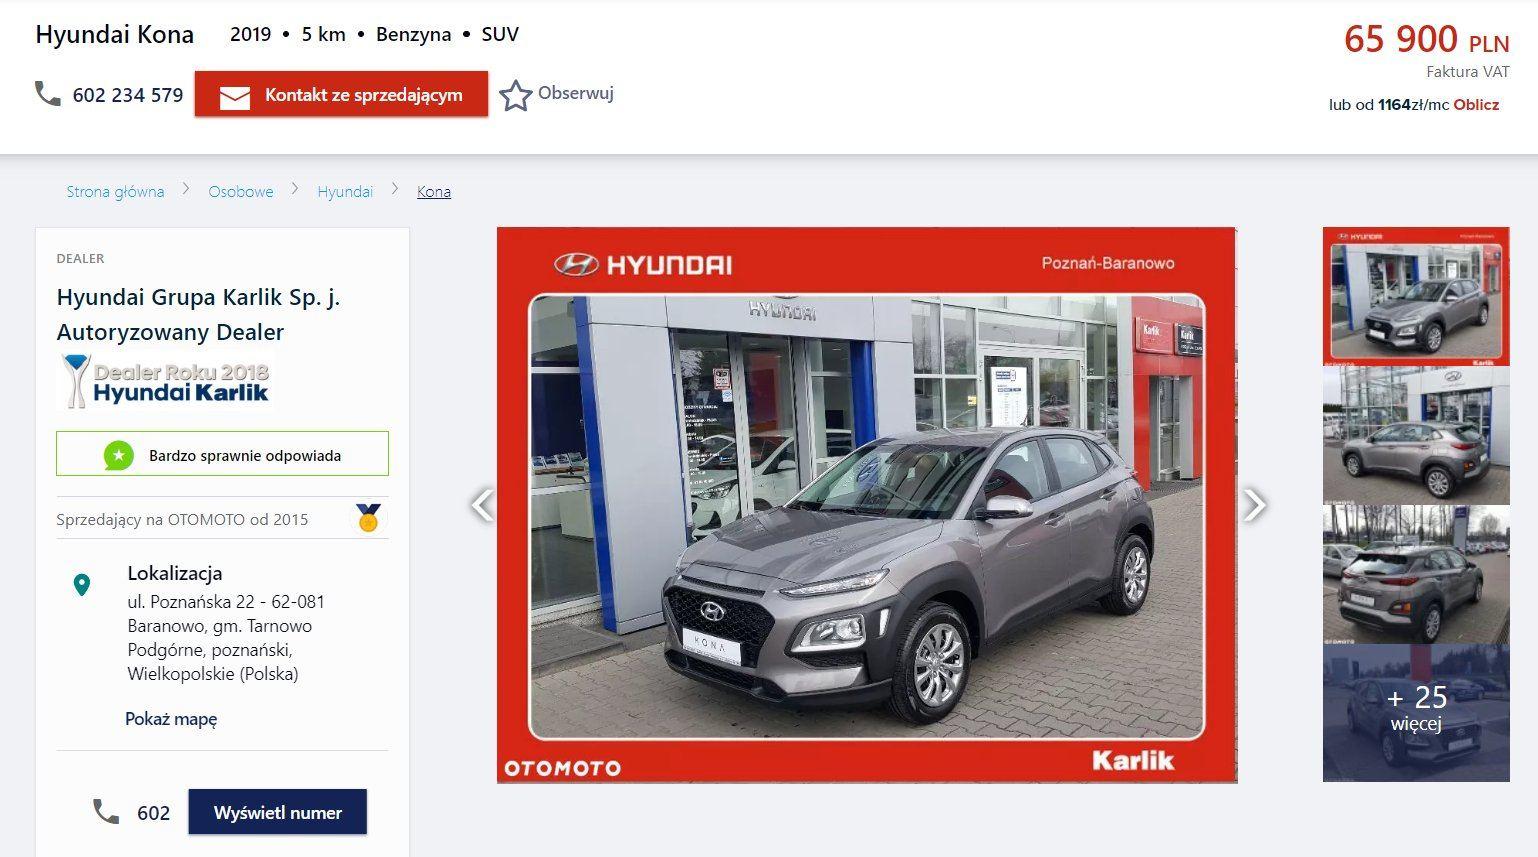 Oferta sprzedaży: Hyundai Kona, źródło: OtoMoto